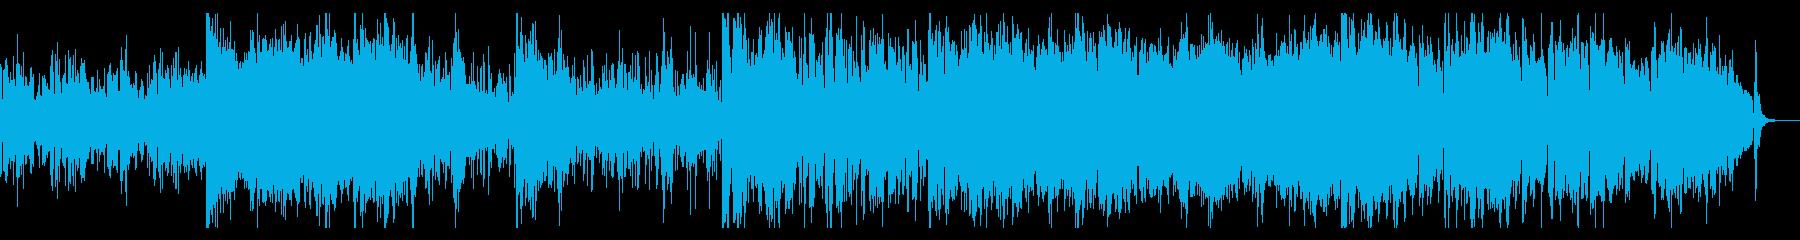 SF感のあるグリッジの効いたシネマBGMの再生済みの波形